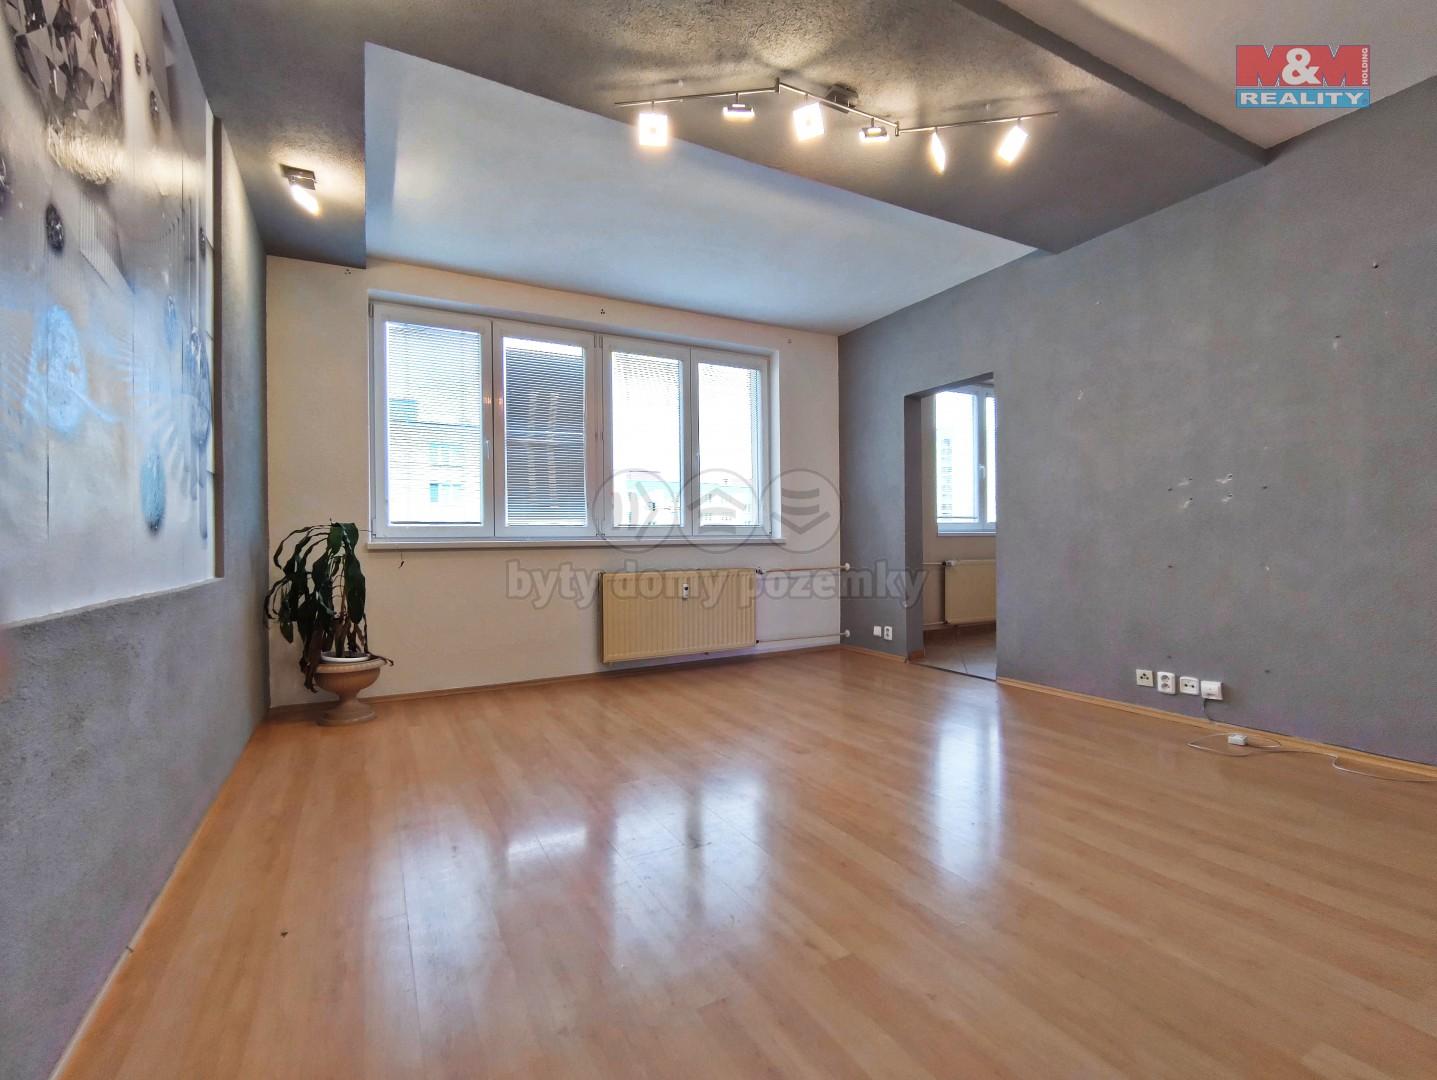 Prodej bytu 3+1, 57 m², Havířov, ul. Konzumní